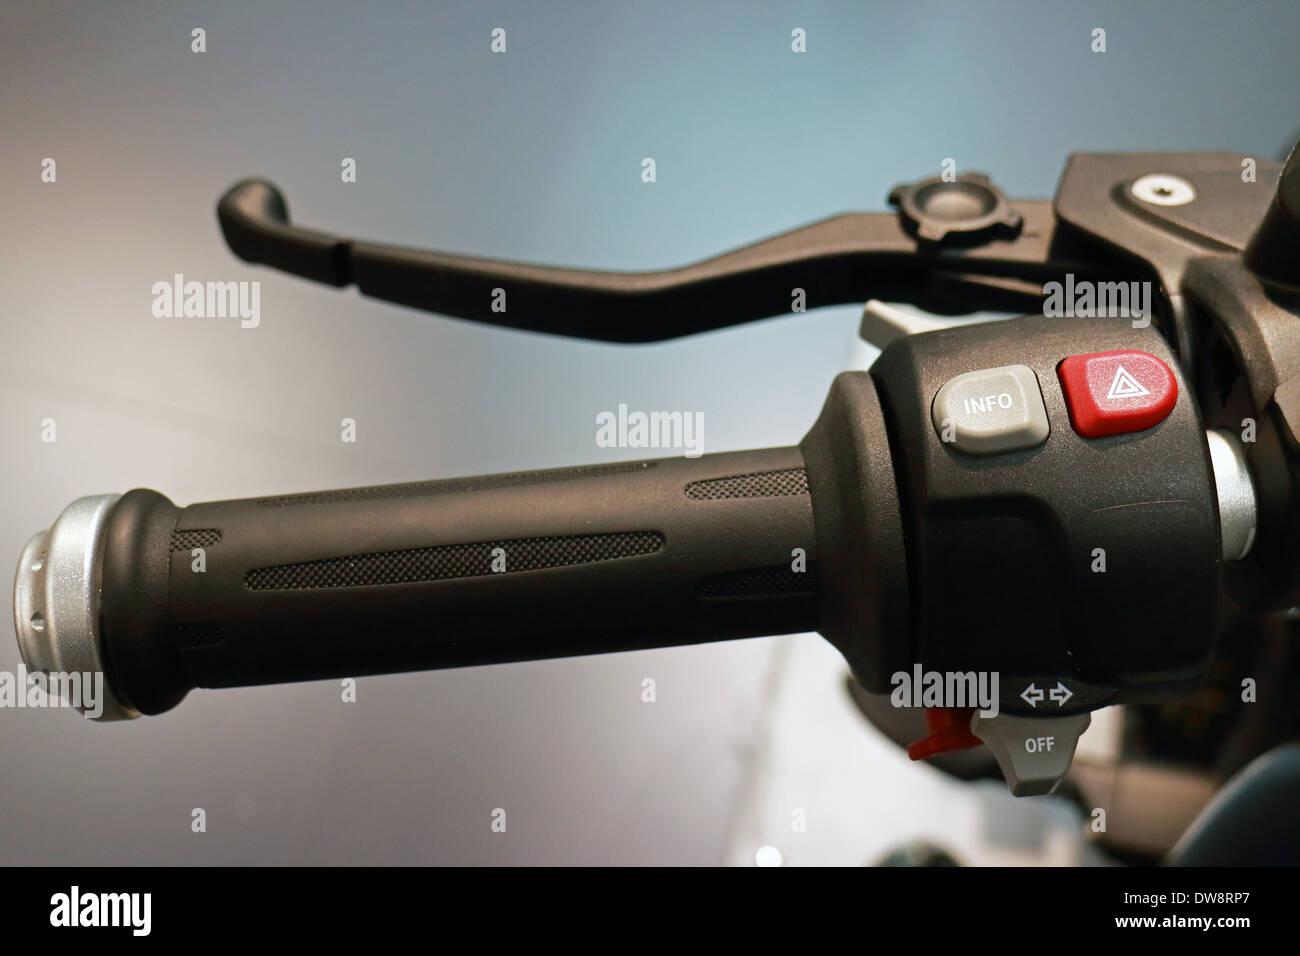 Motocicletta Volante Closeup View e pulsanti di controllo Immagini Stock